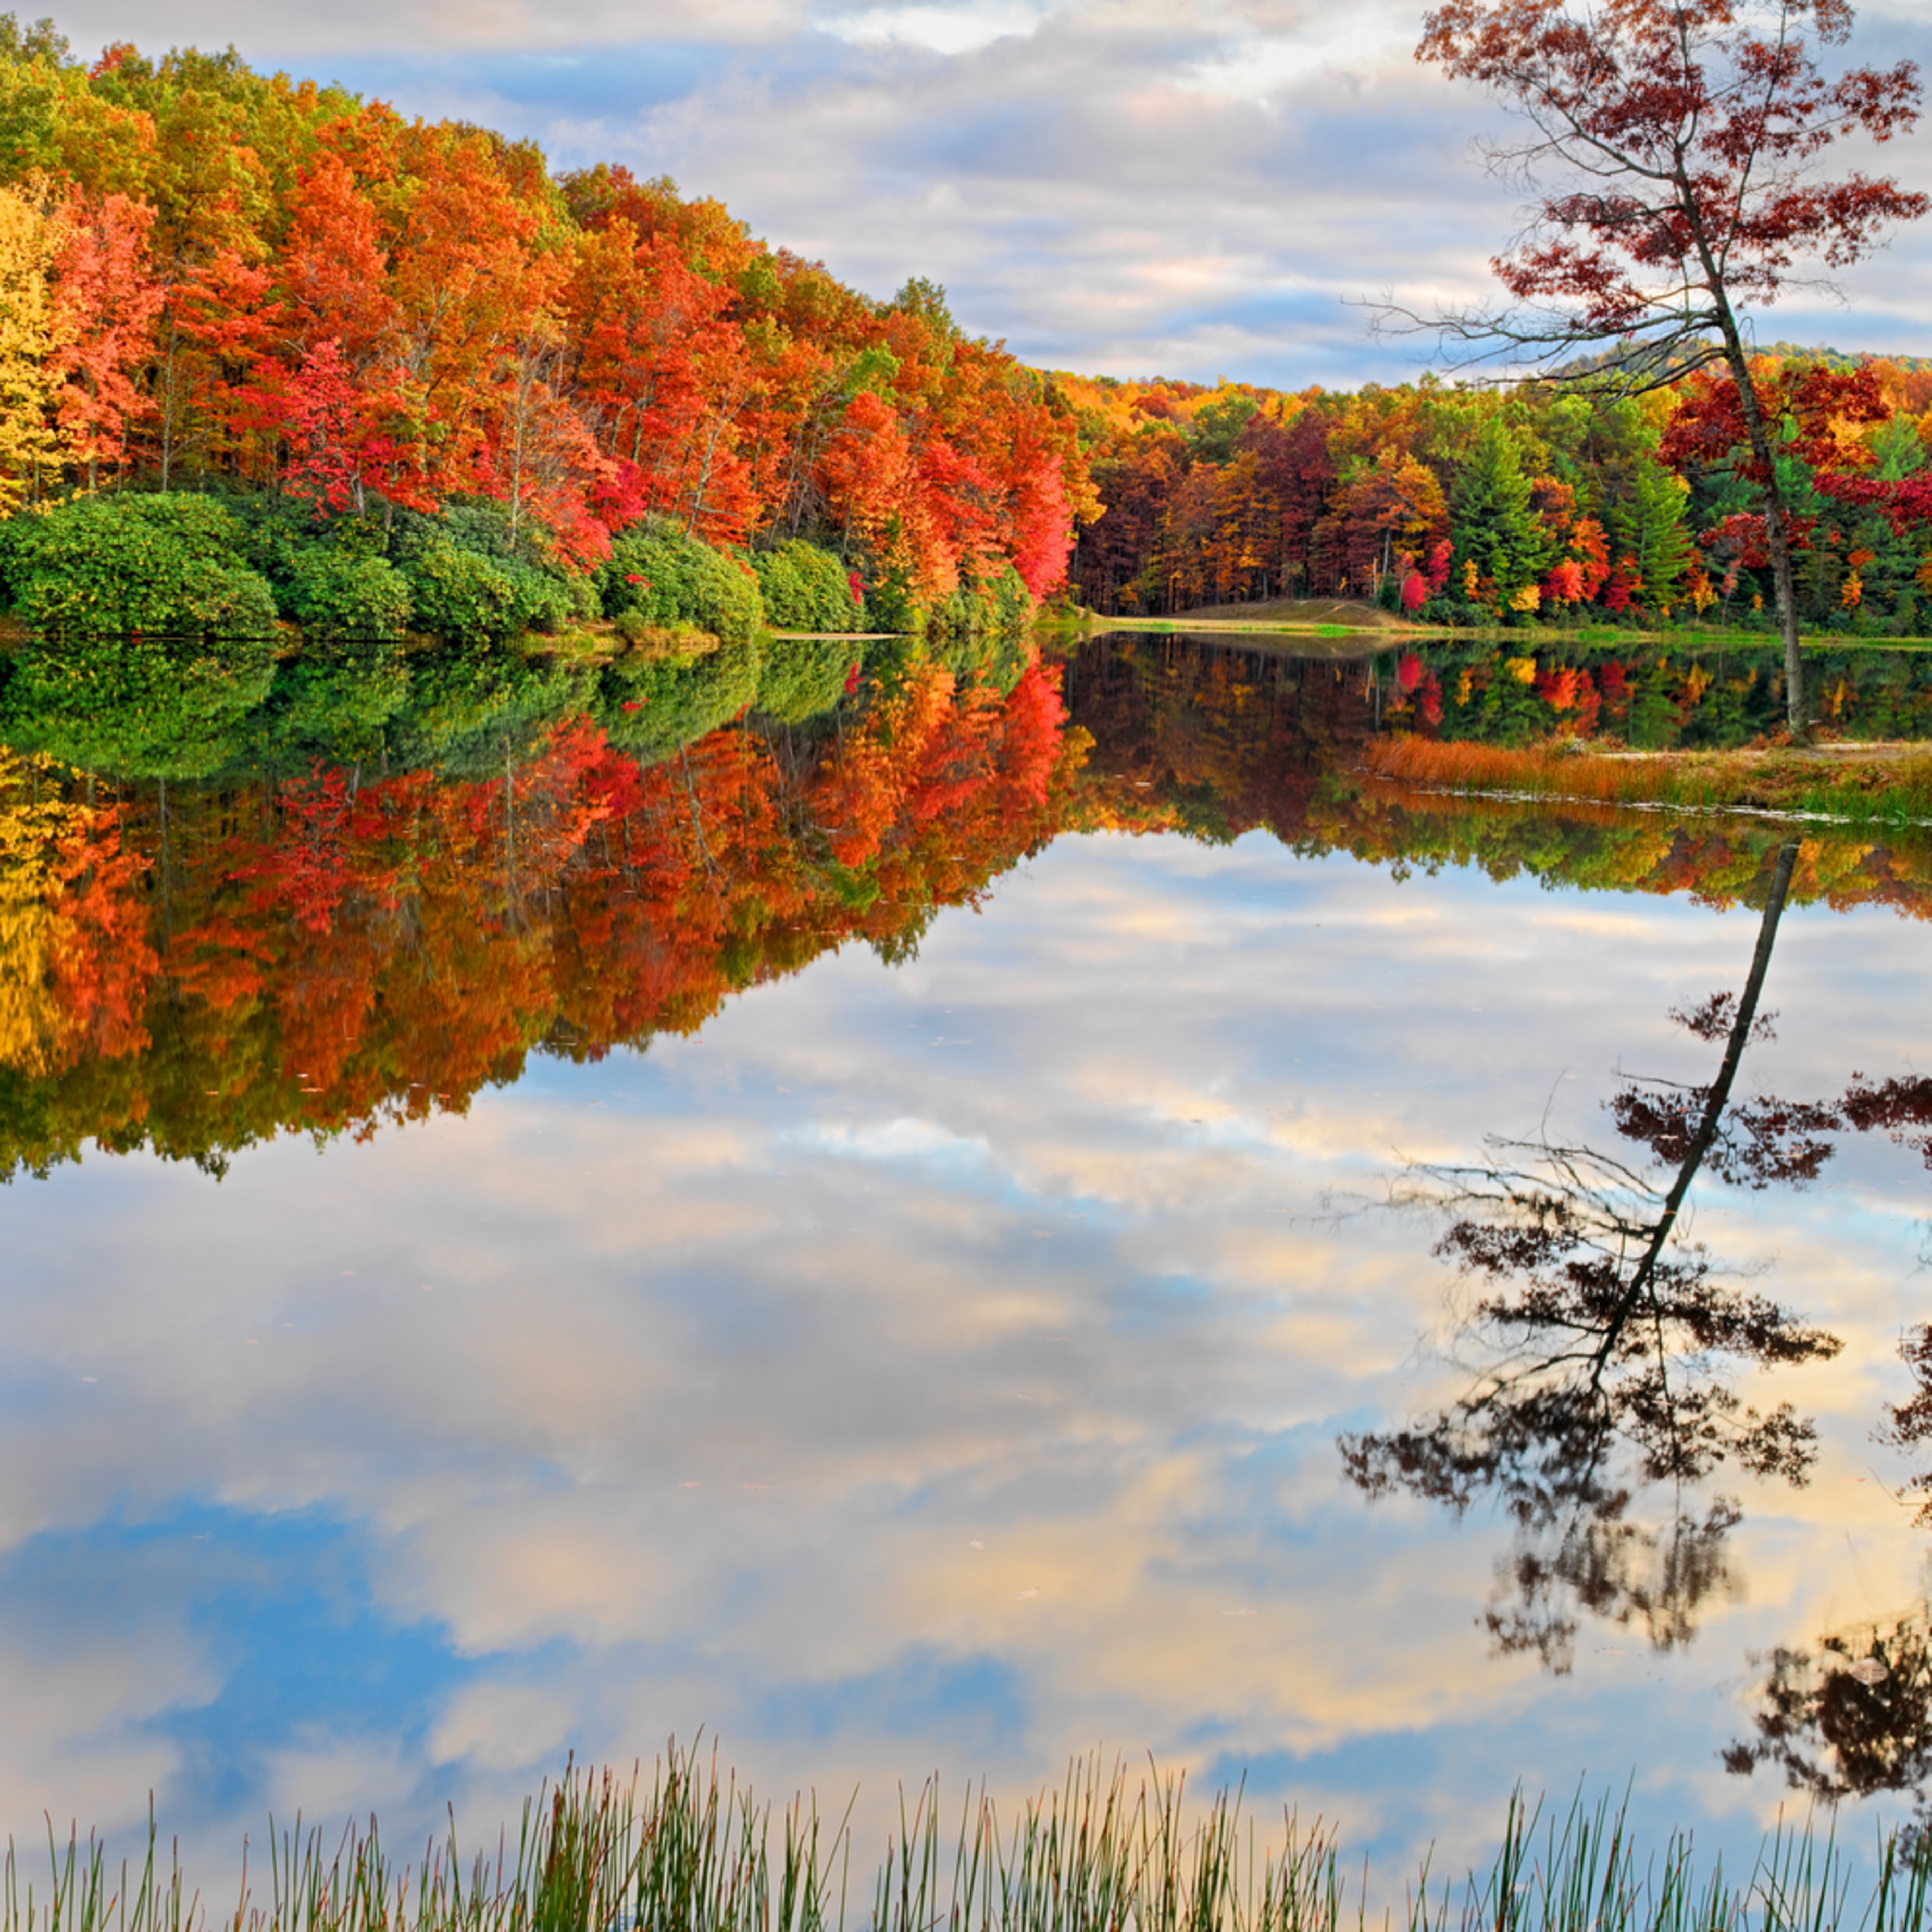 Autumn kaleidoscope ii q5lkde